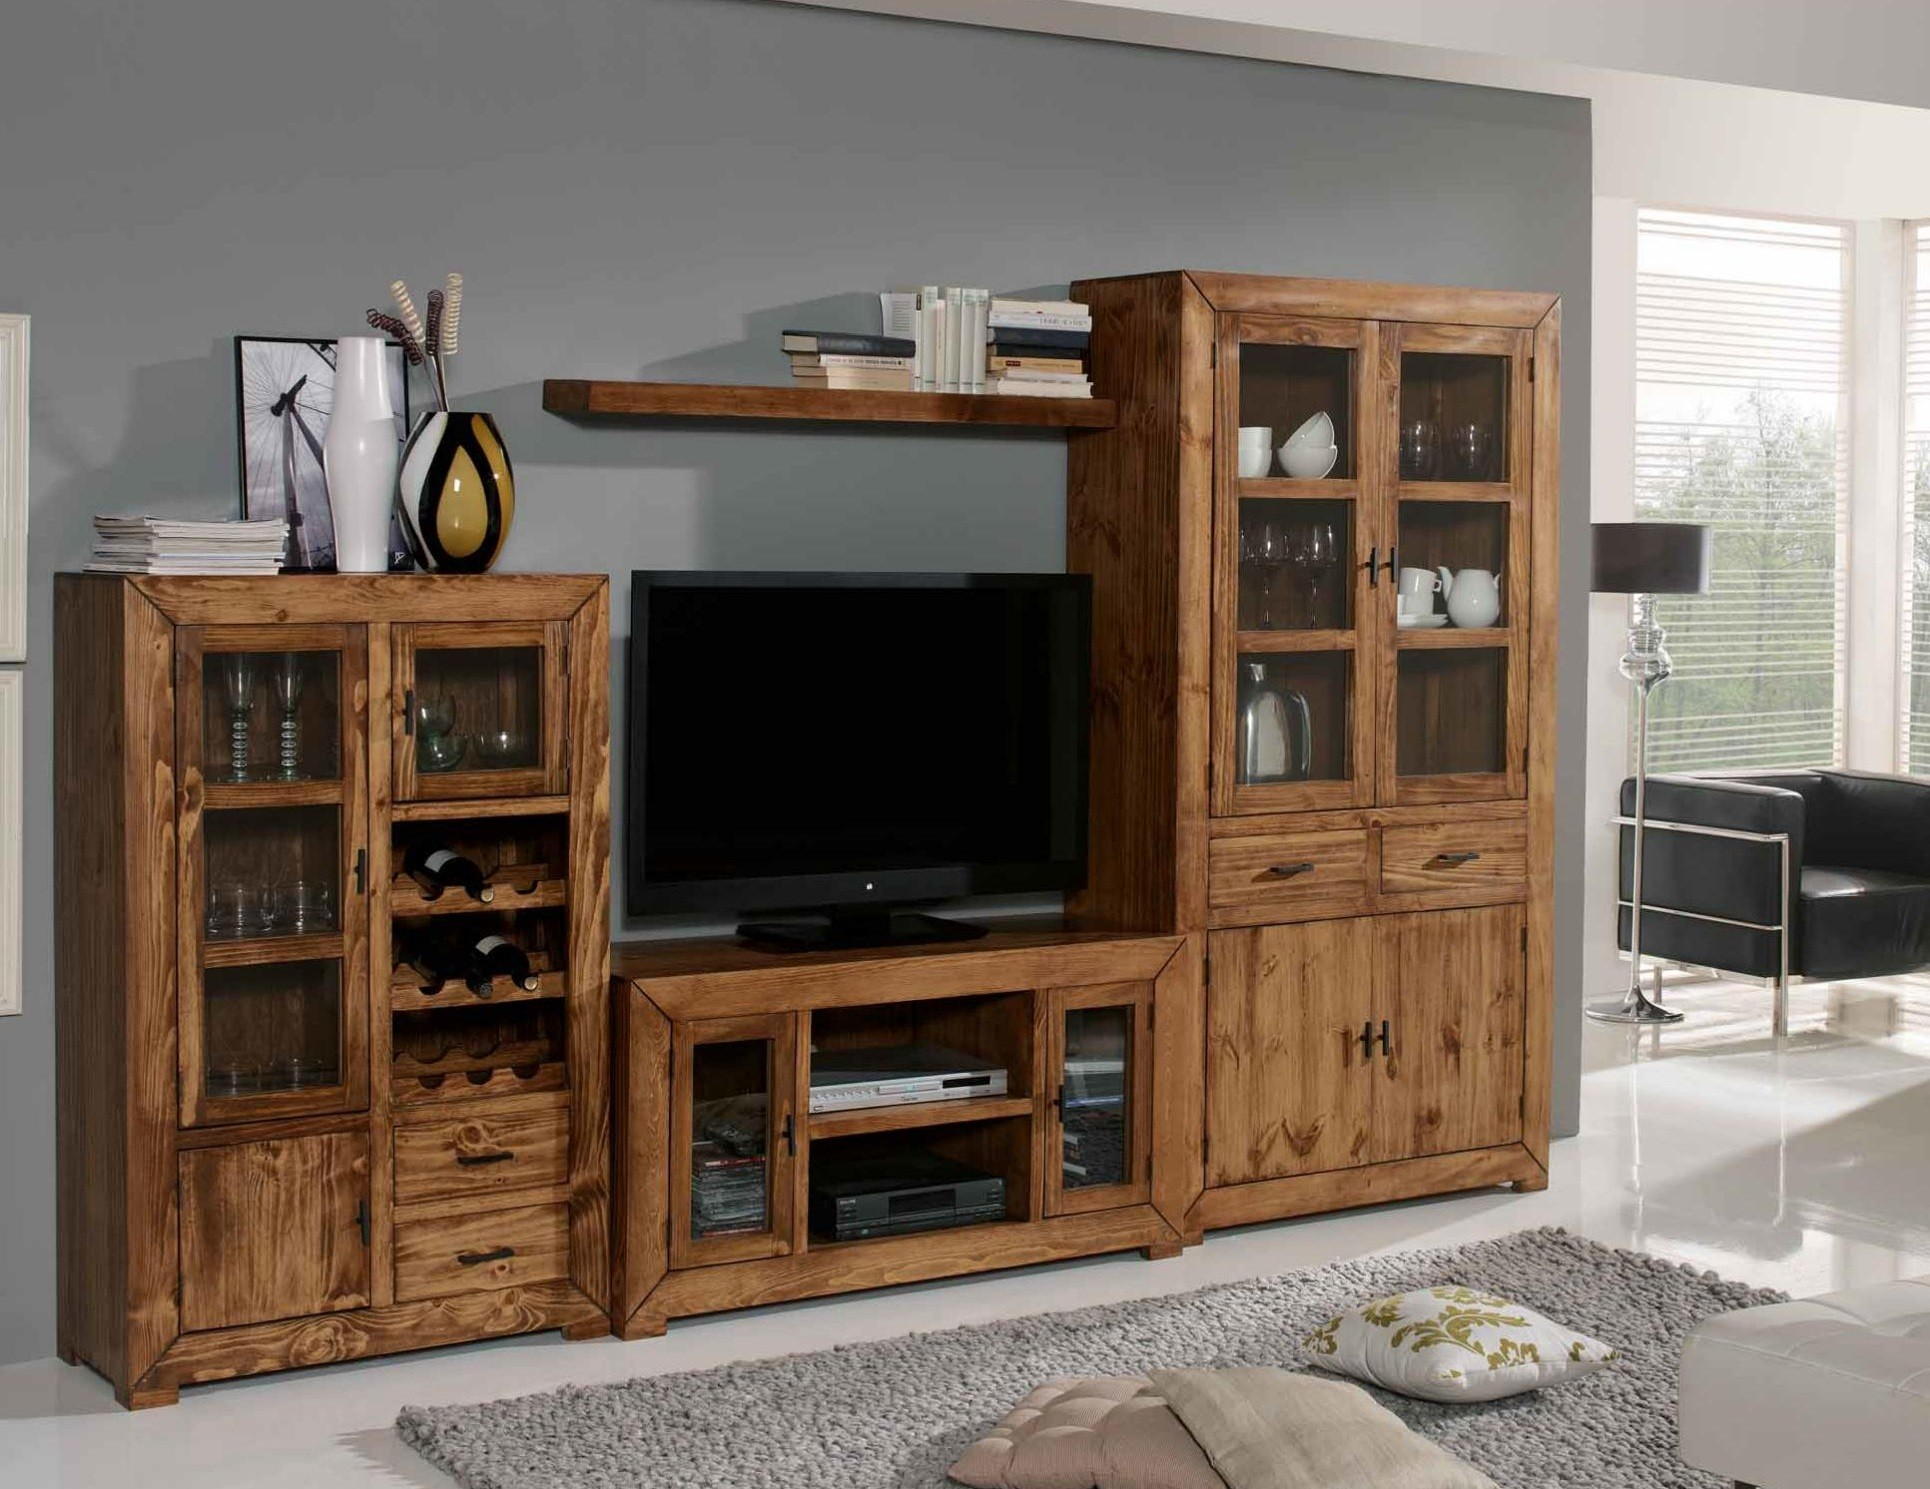 Muebles rusticos mexicanos baratos 20170724181240 for Muebles bano baratos valencia